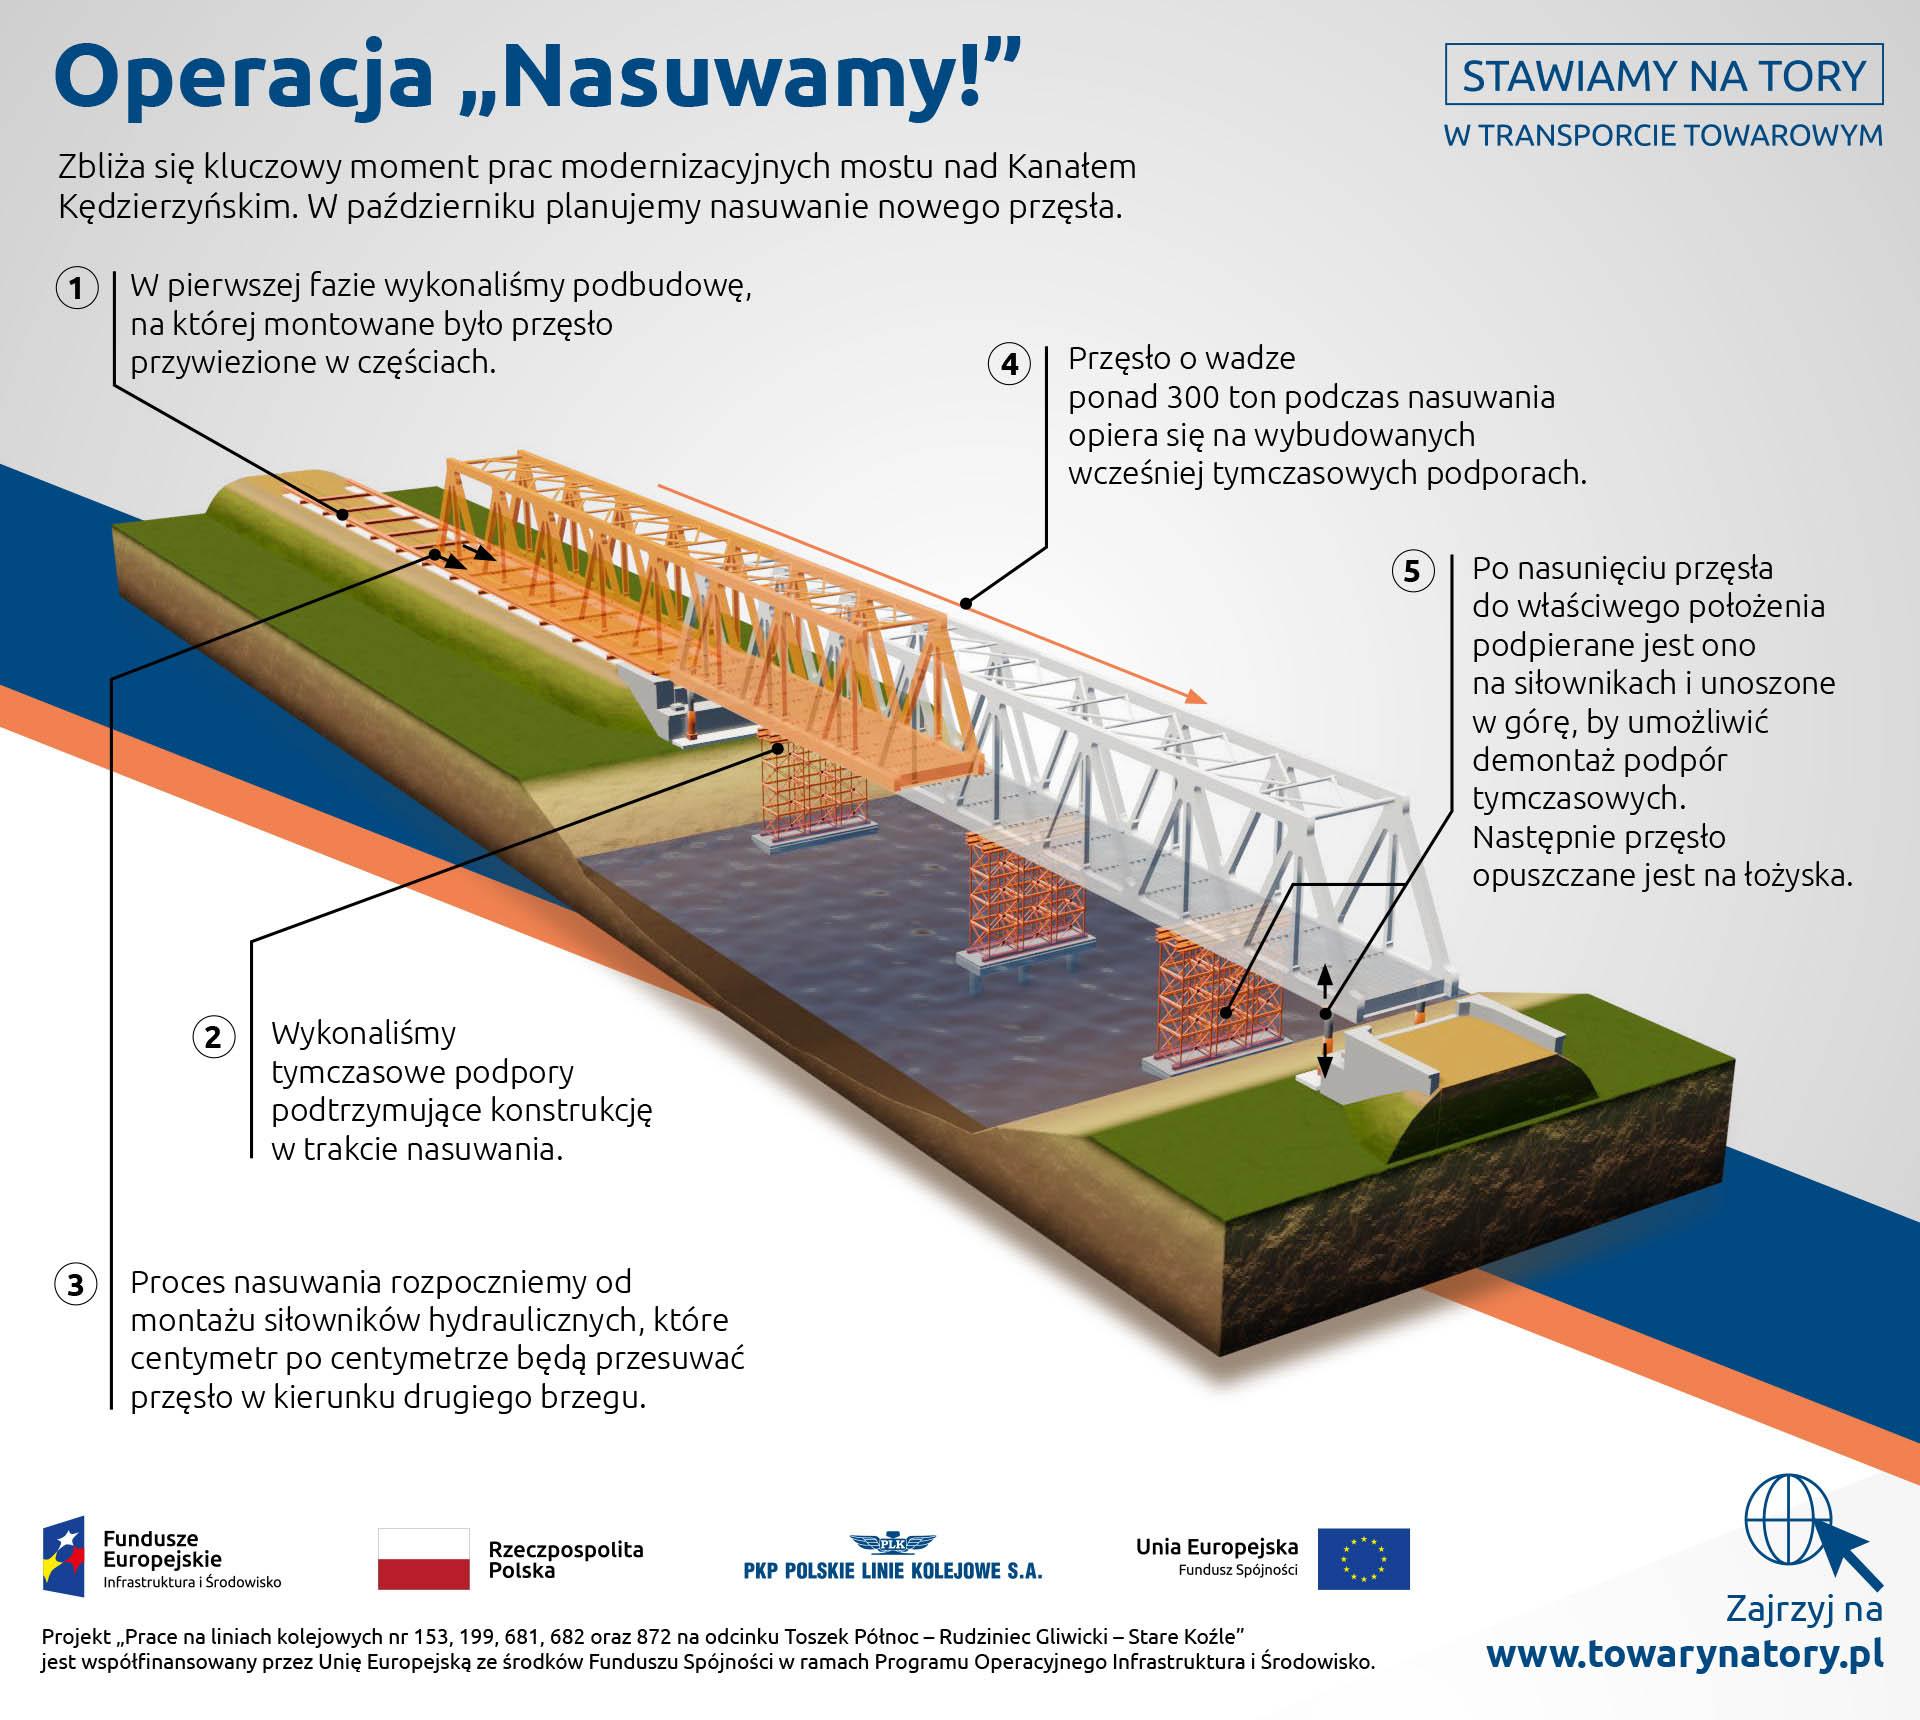 Infografika: nasuwanie przęsła mostu nad kanałem kędzierzyńskim. 5 faz nasuwania: podbudowa, tymczasowe podpory, montaż siłowników, przesunięcie przęsła, oparcie na siłownikach.